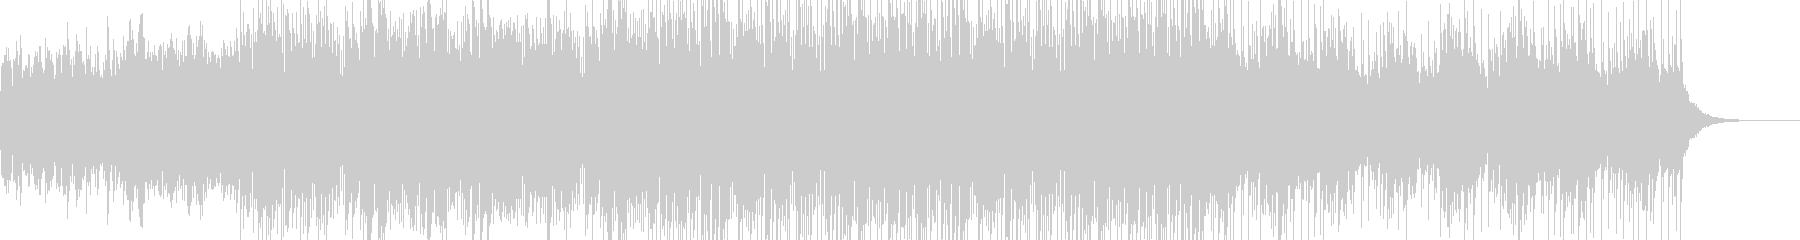 シンセサウンドの落ち着いたBGMの未再生の波形